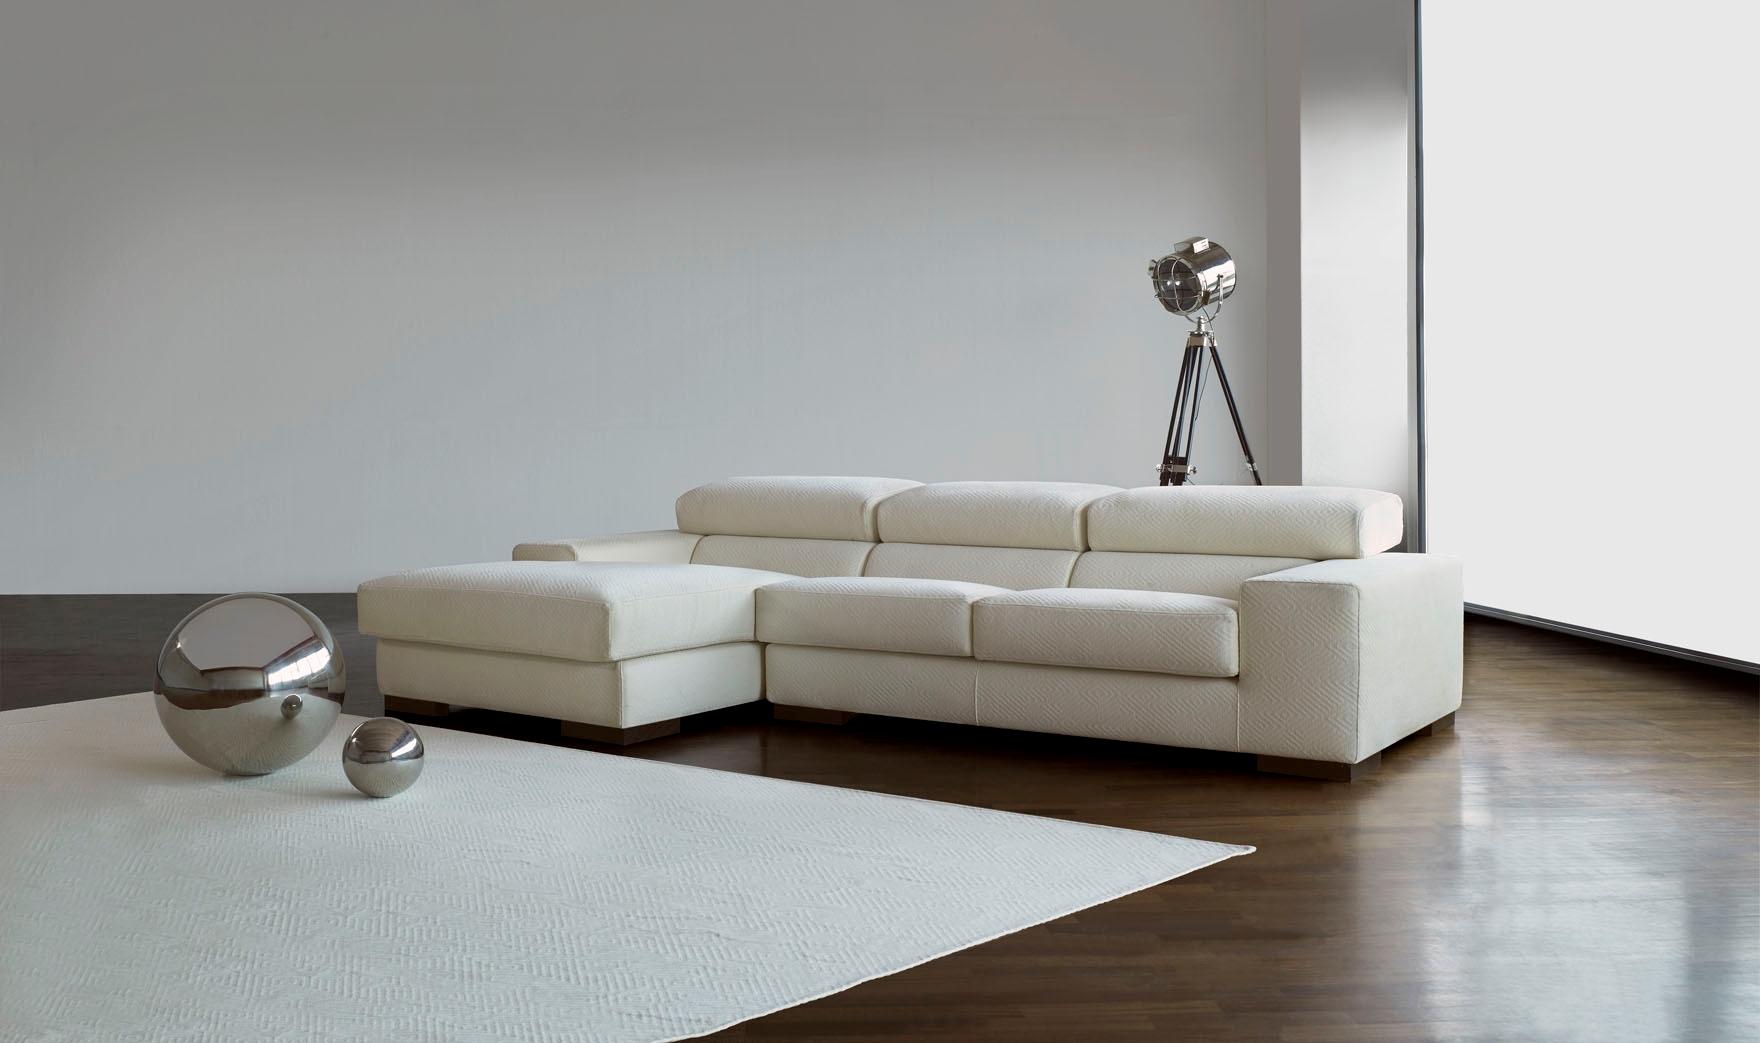 Divano con penisola divani a prezzi scontati - Altezza quadri sopra divano ...